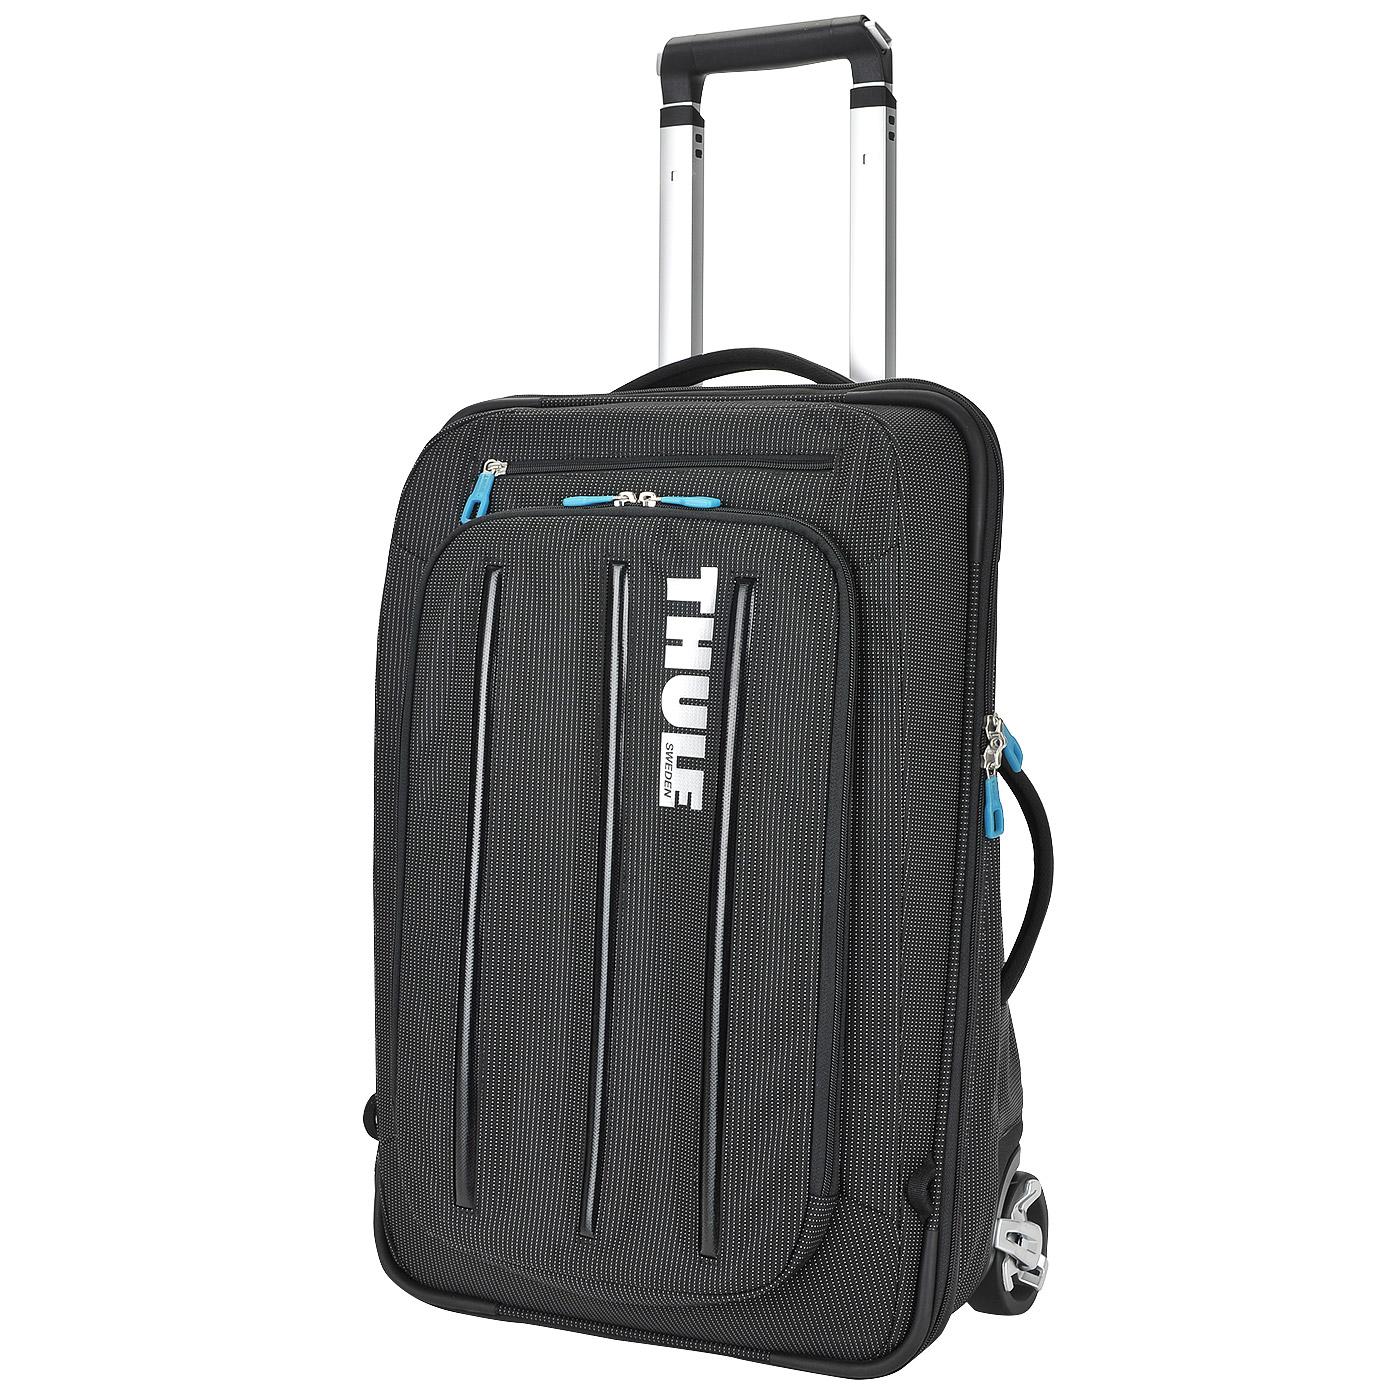 Чемодан-рюкзак на колесах Thule Crossover 3201502 - 2000557751576 ... 6882cf9d385